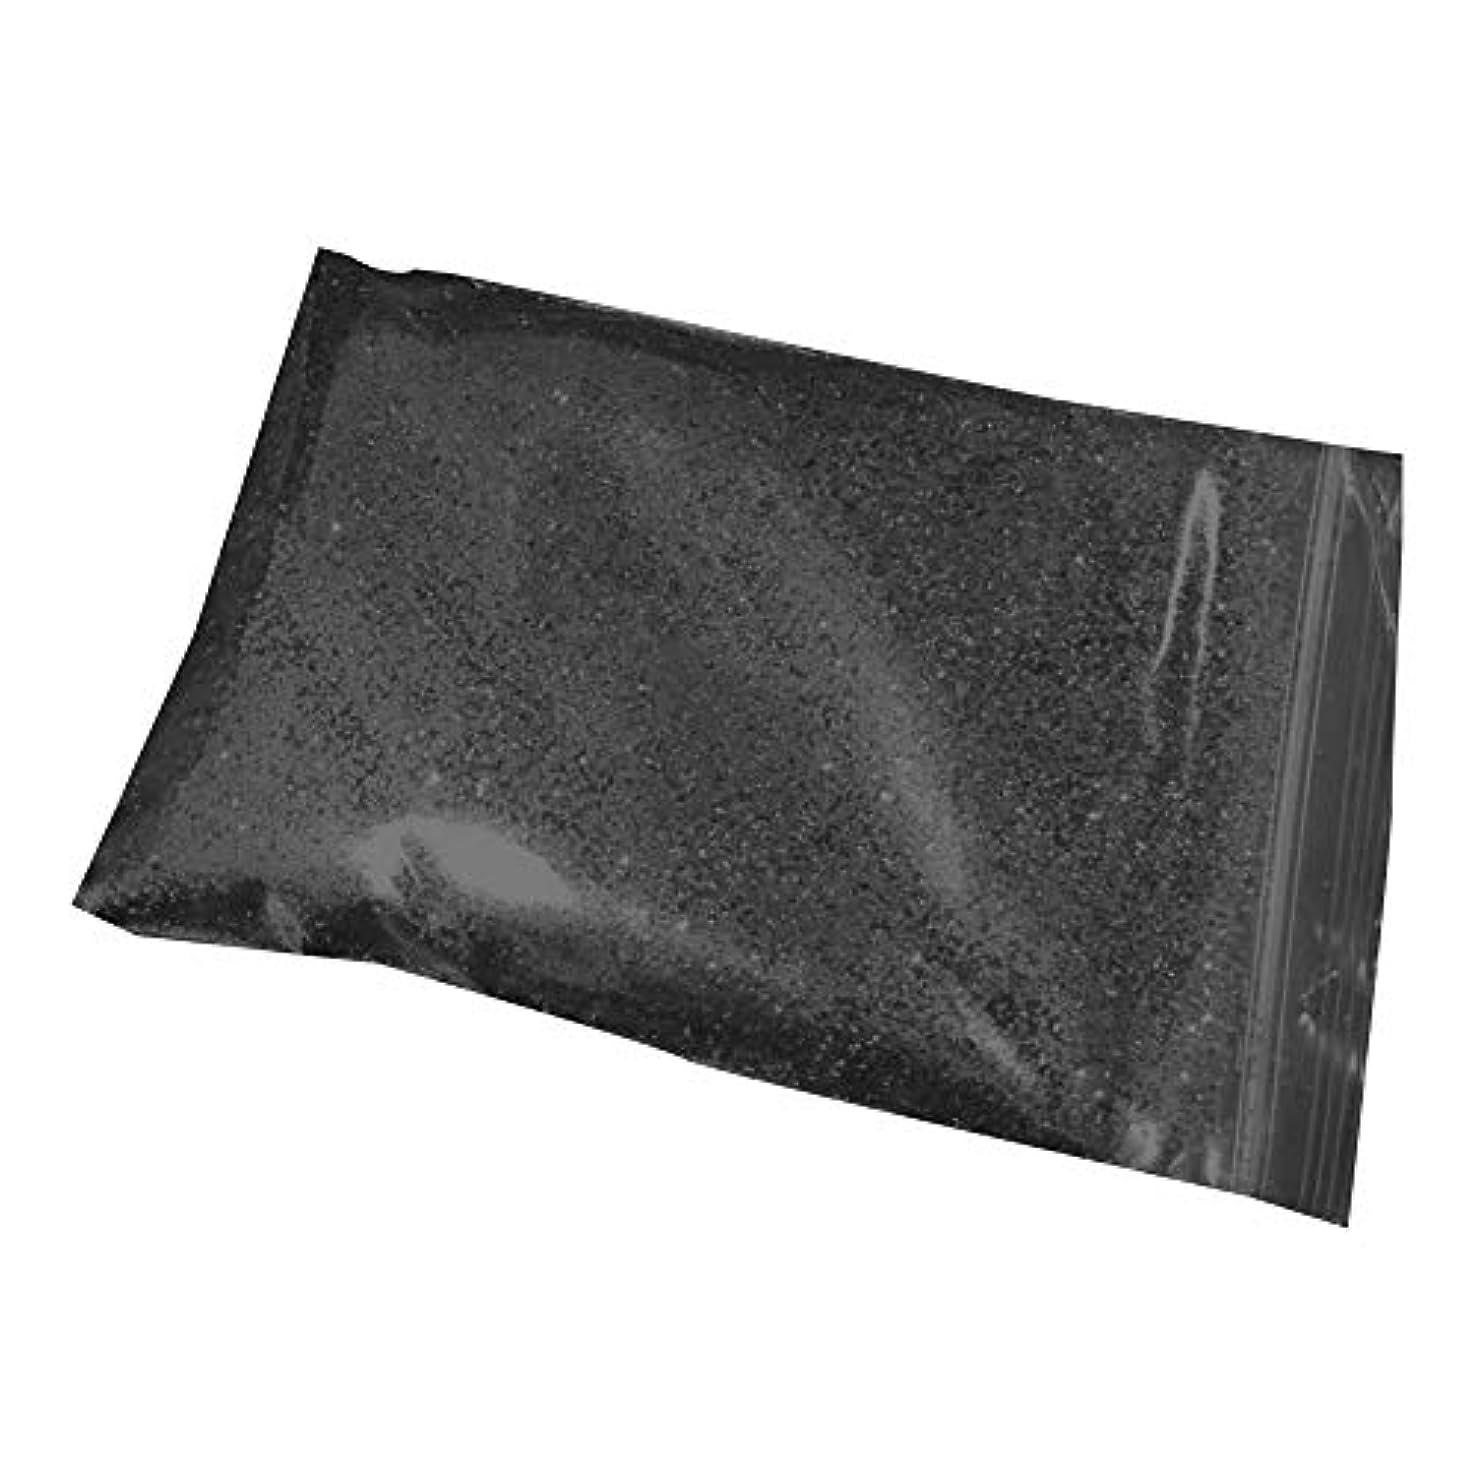 インセンティブメーカーアリーナXFentech グリッターパウダー グリッターラメグリッター 顔/ボディ/ヘア飾り ネイルデコレーション ラメ キラキラ, ブラック, 50g